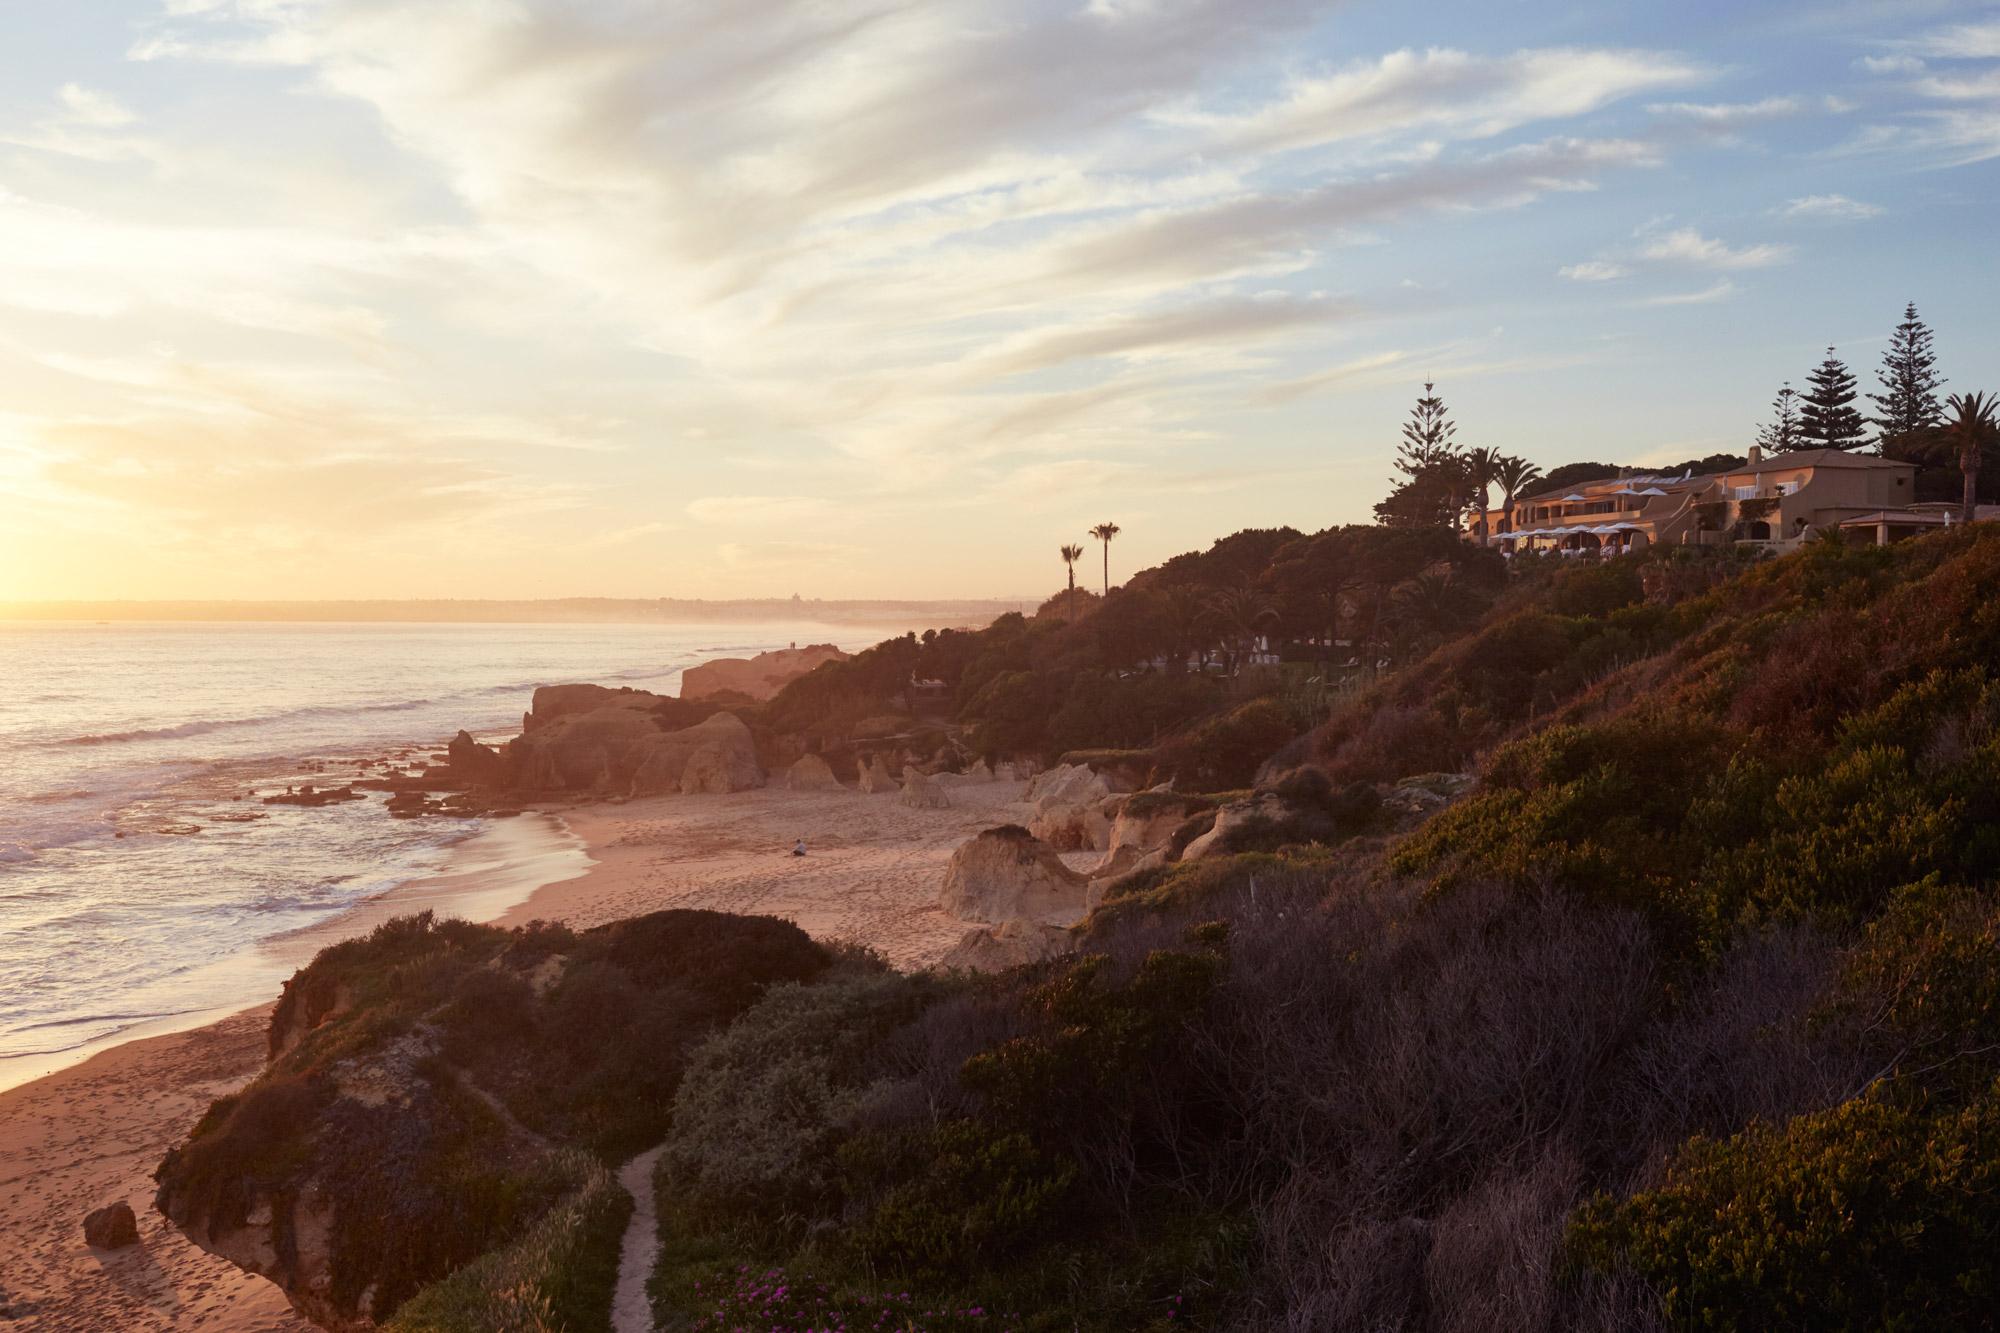 Hôtel atypique installé sur une falaise portugaise avec vue sur l'océan et la plage